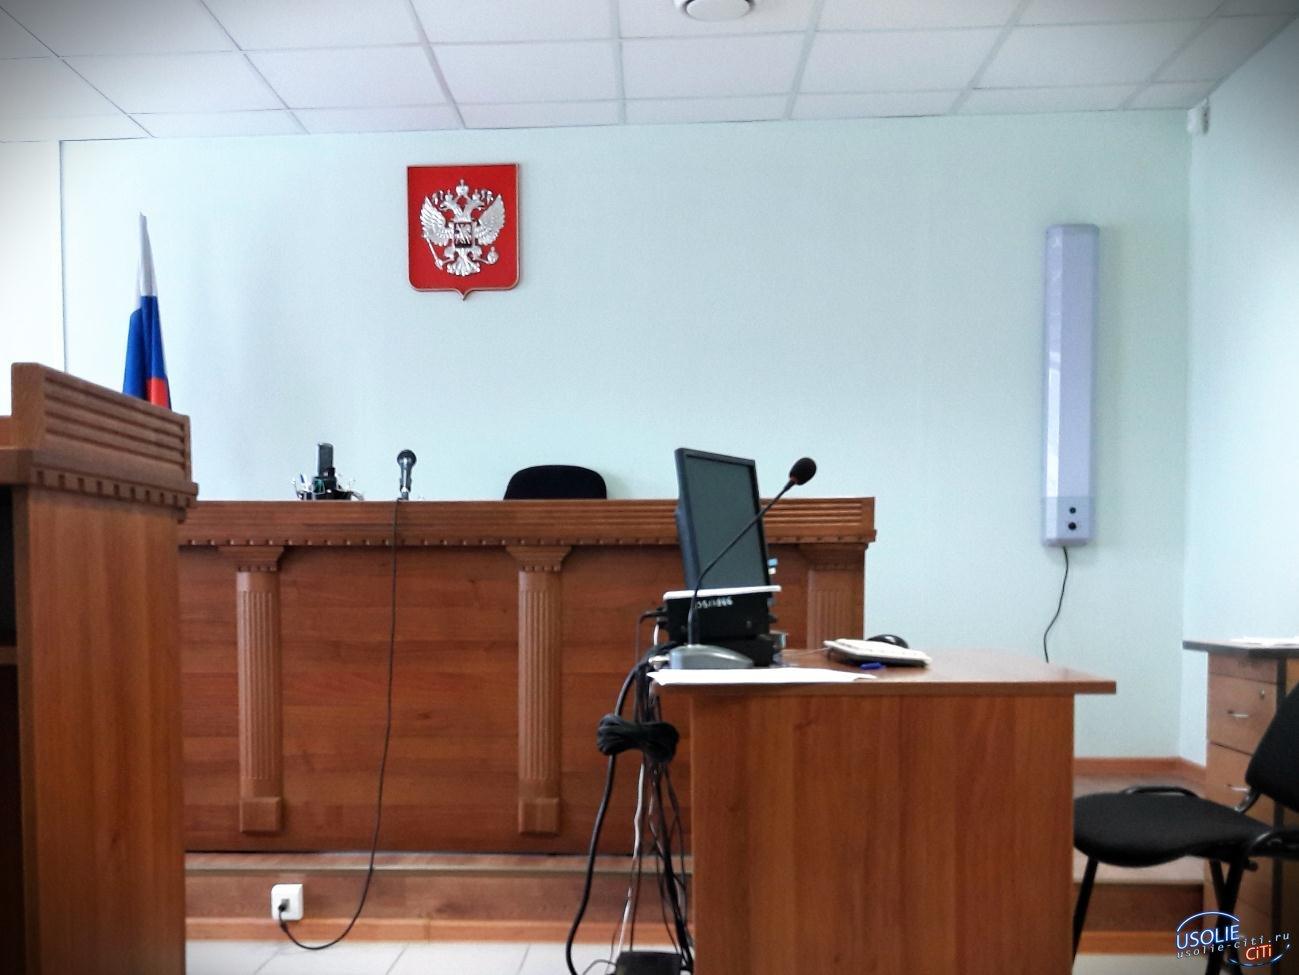 Мошенники из Усолья выдавали себя за сотрудников ФСБ